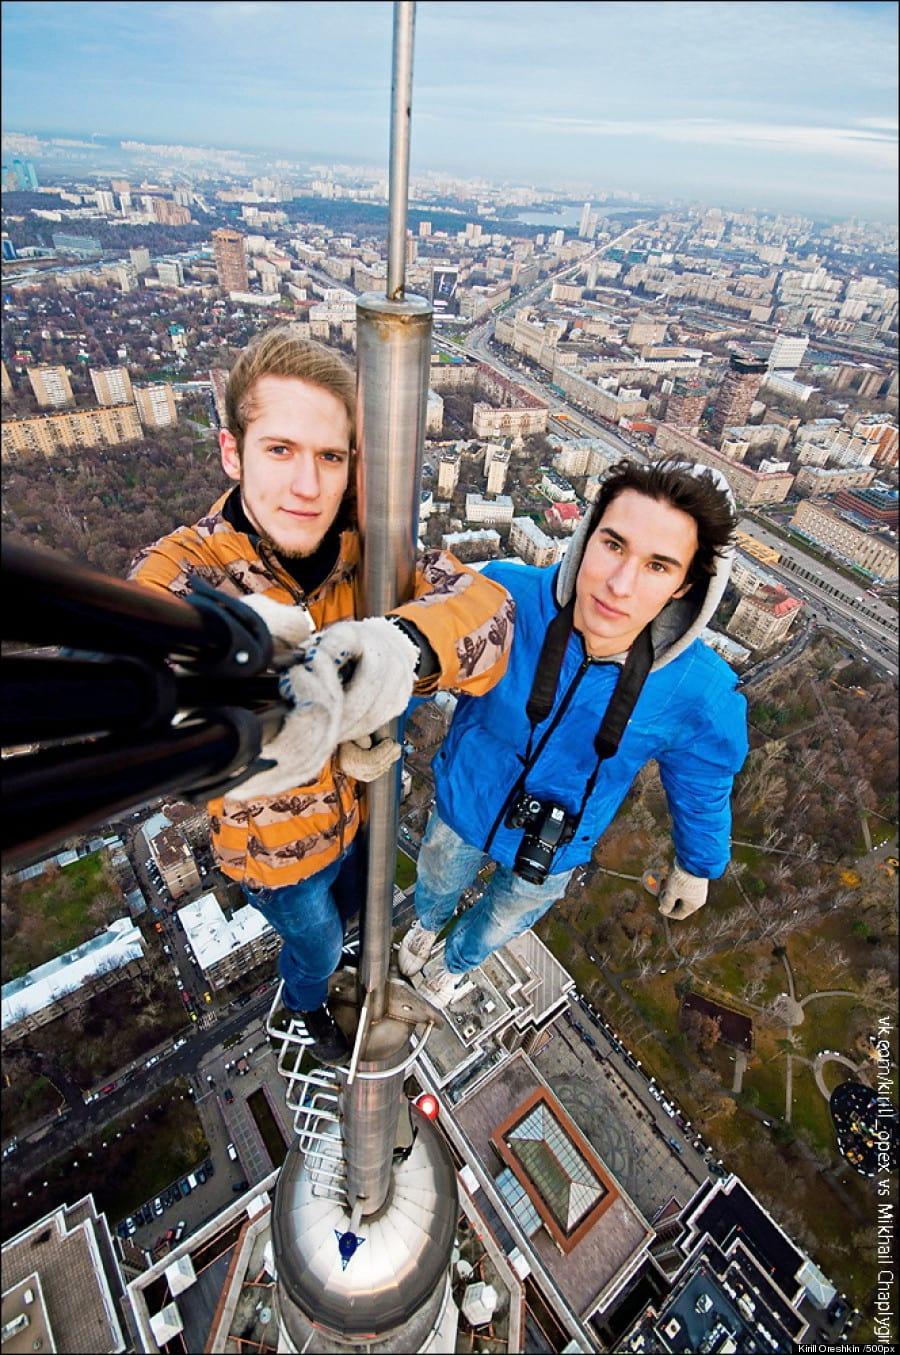 Referensi Foto Keren Anti-Mainstream, Yang Suka Selfie Boleh di Coba!